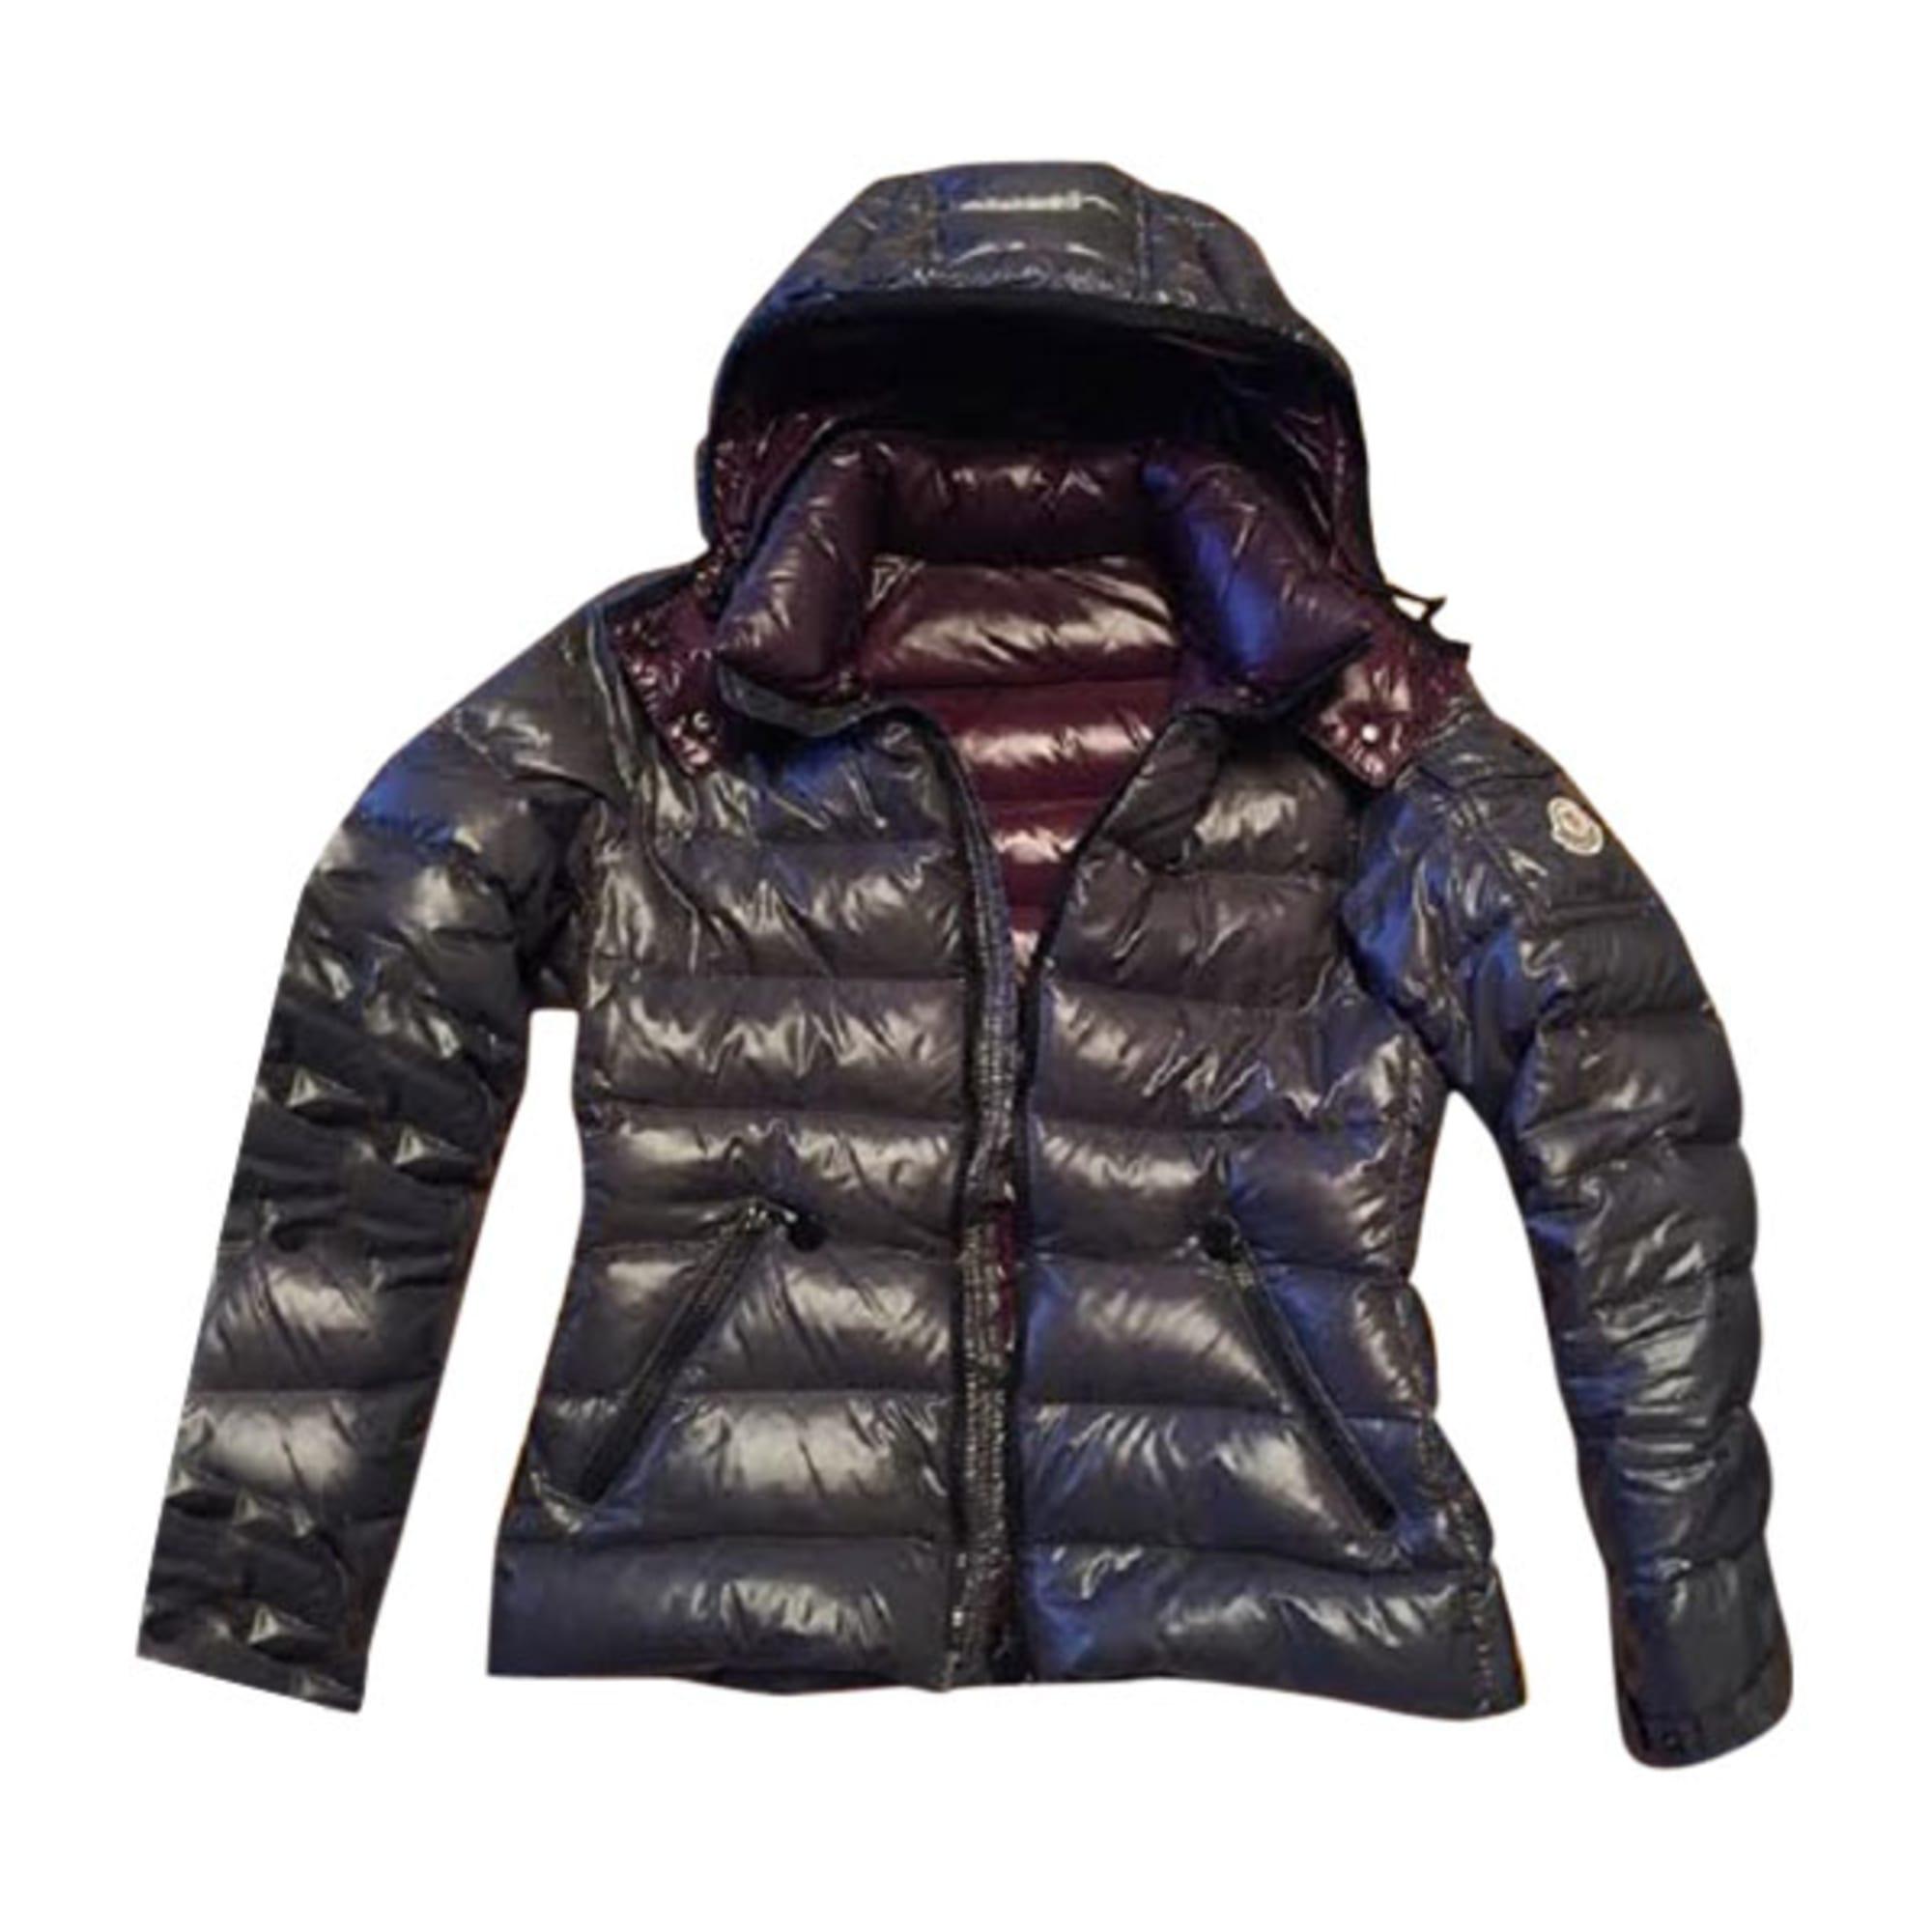 5ef3d82b0f8c Doudoune MONCLER 36 (S, T1) gris vendu par Stephanie 700536533 - 4551787